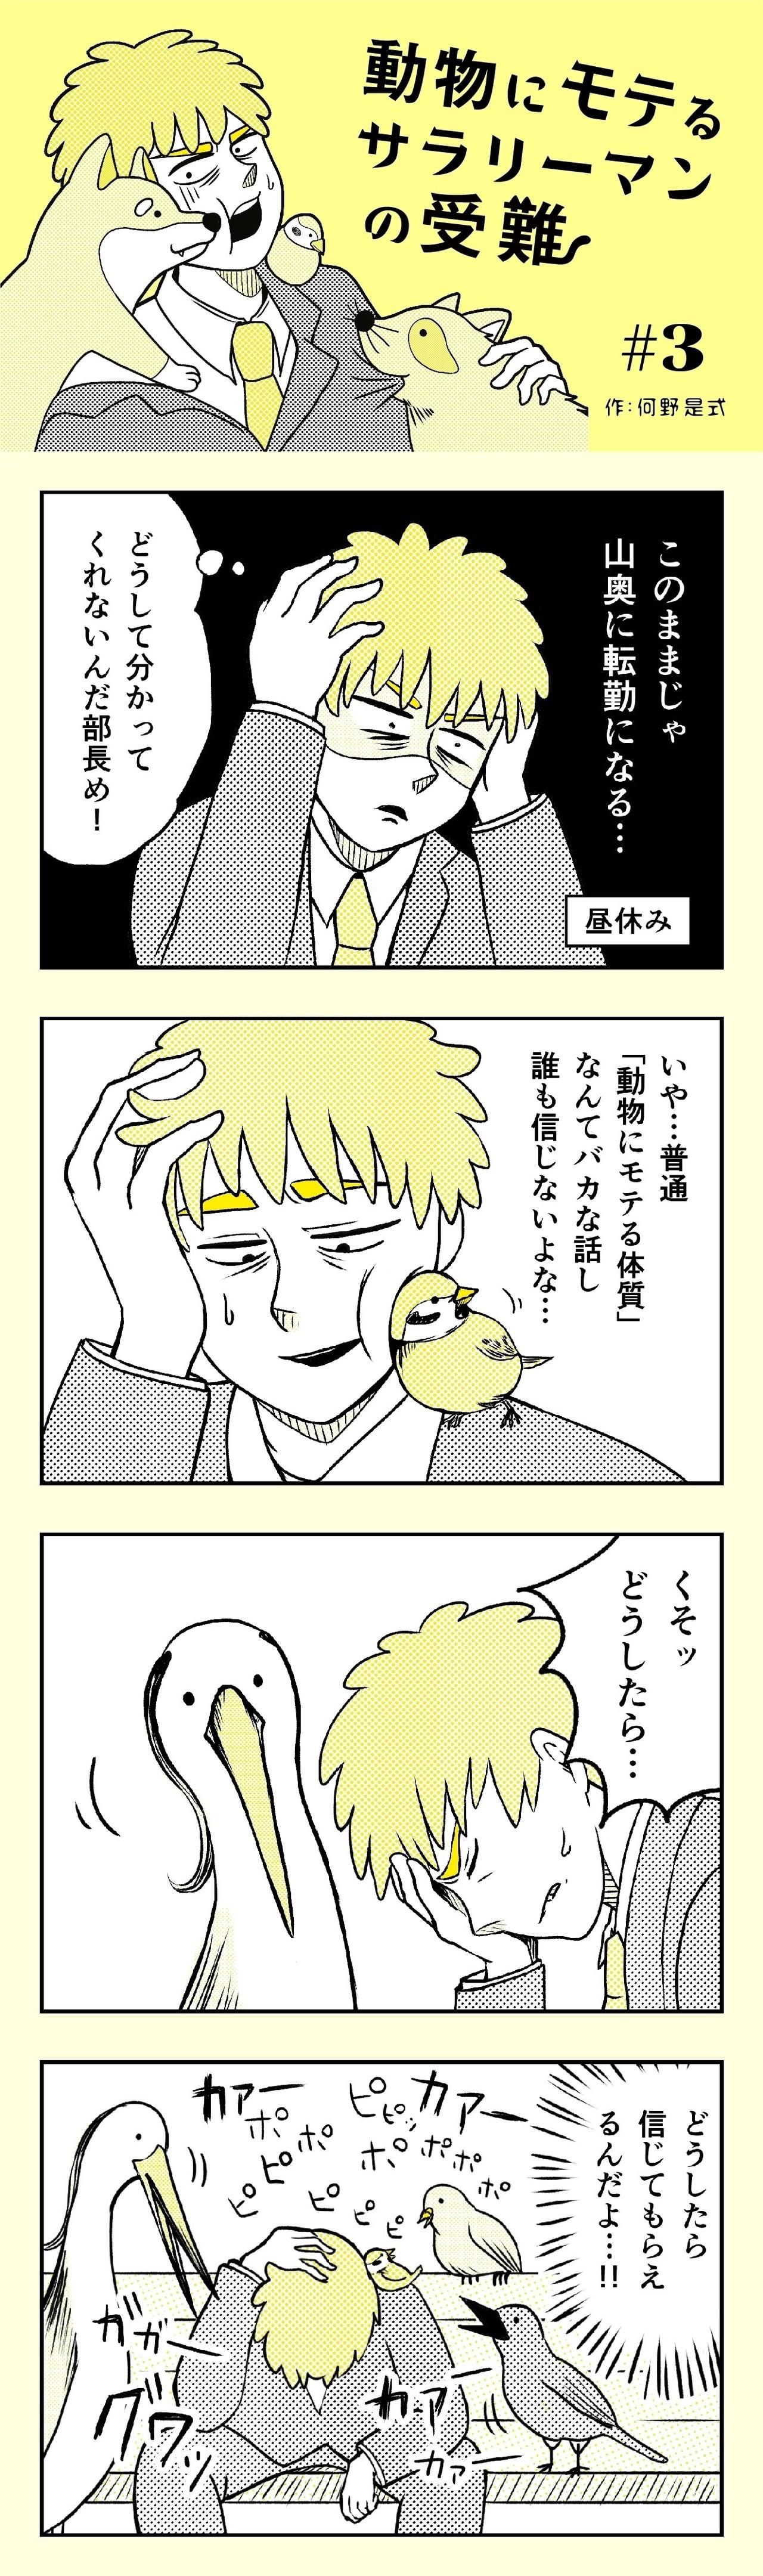 ヘッダー付_sns縦読み_動物受難_3-4-01